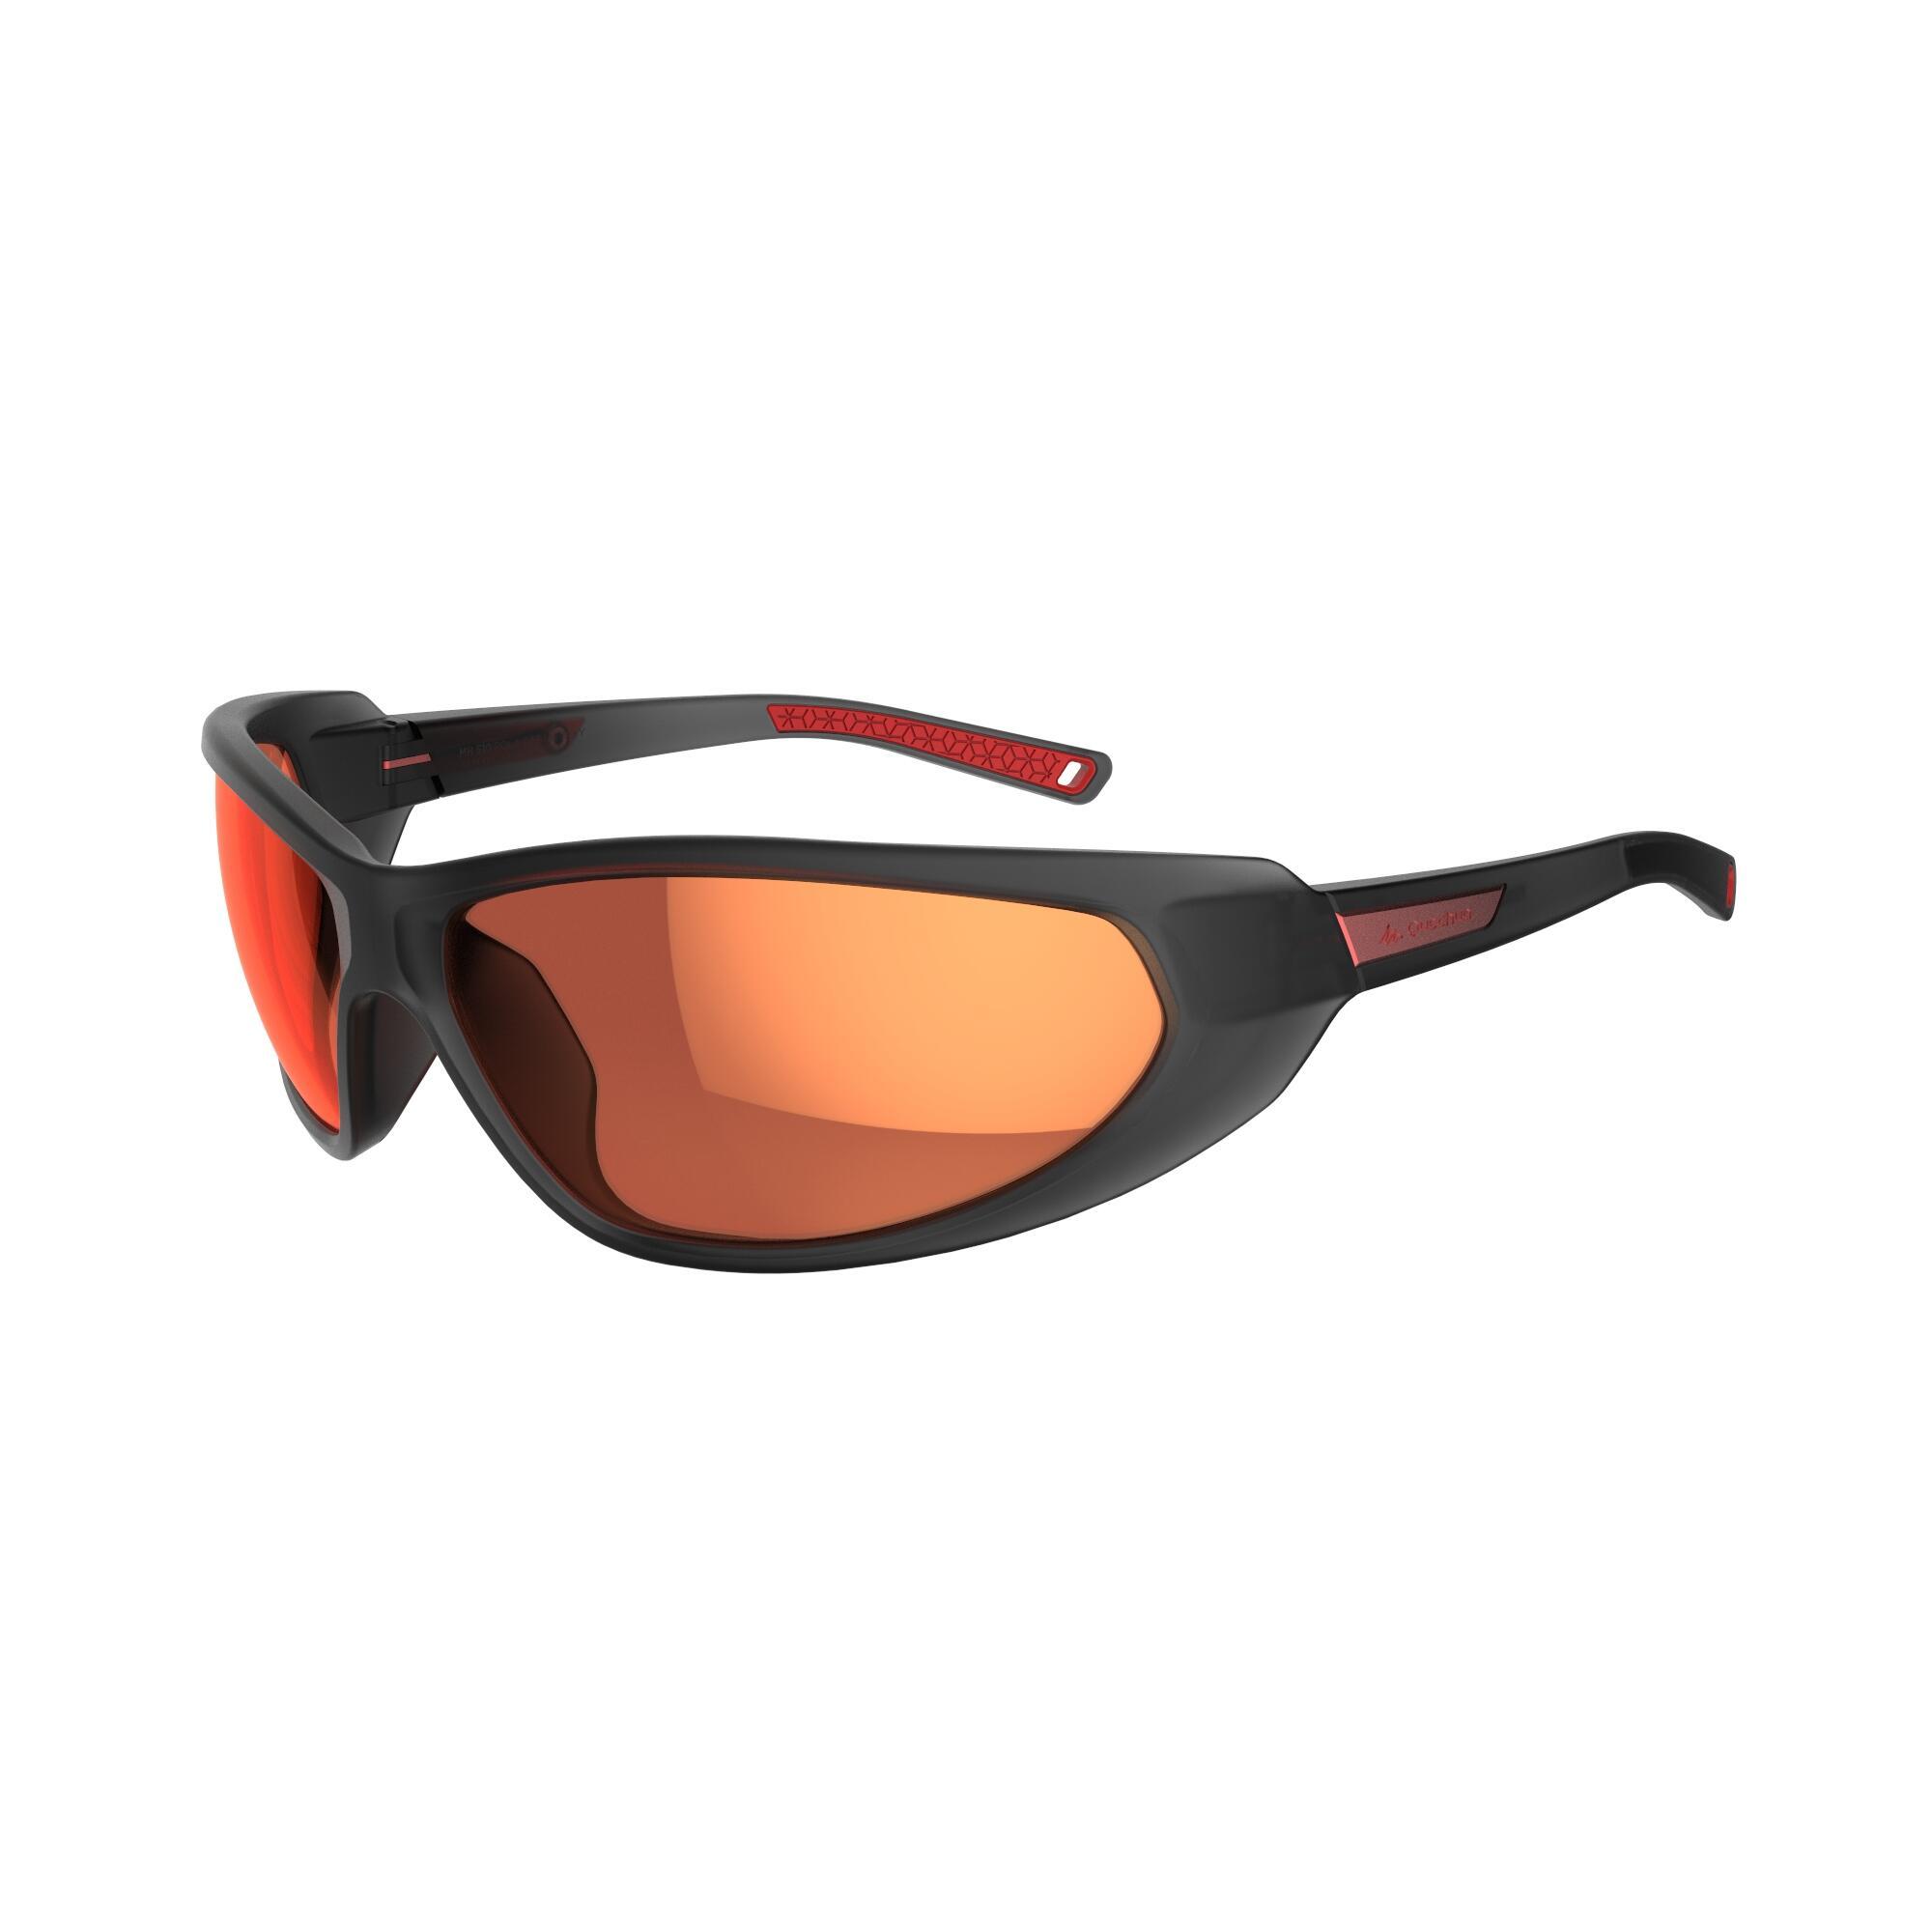 Wed'ze Skizonnebril voor volwassenen SKIING 500 grijs/rood polariserend categorie 4